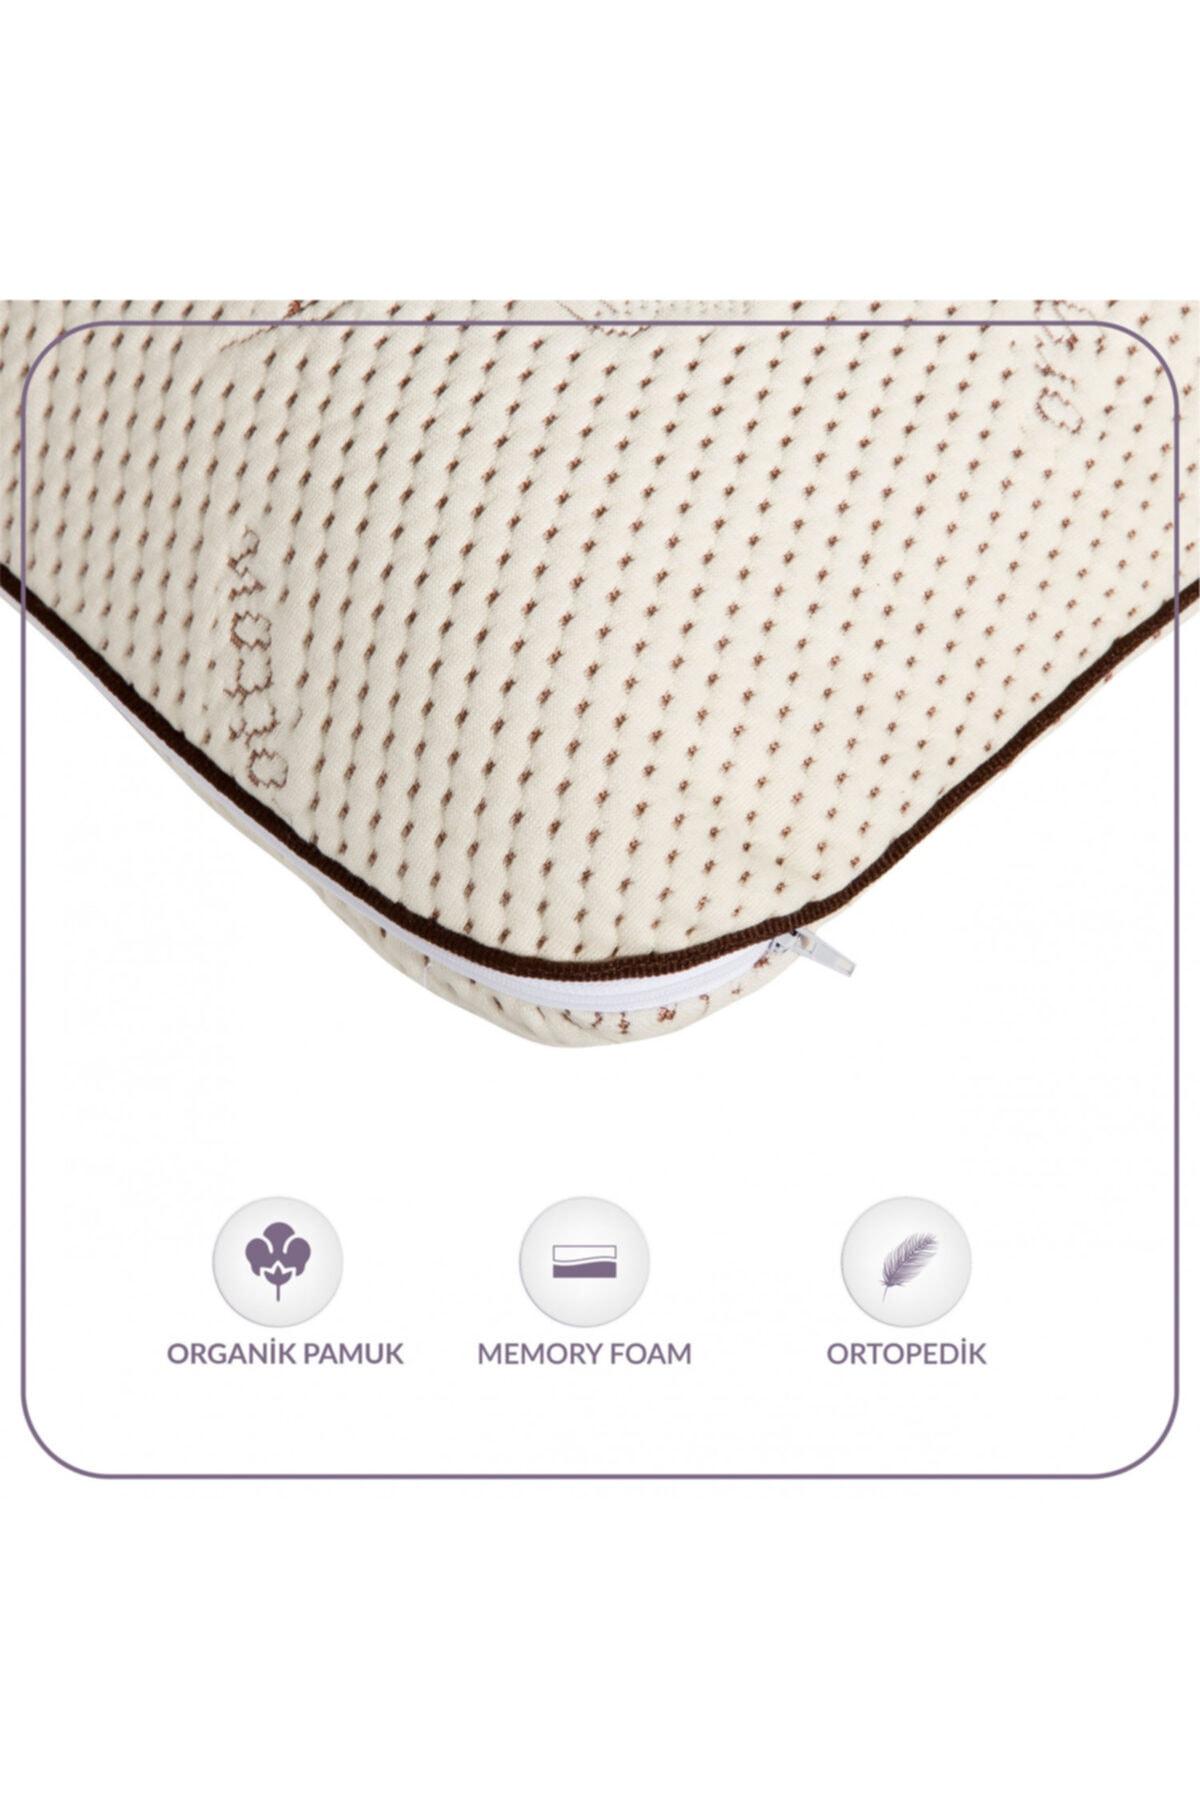 Rengirenk Ortopedik Yastık Viskoelastik Delikli Sünger Organik Pamuk Yumuşak Kılıf 40x60